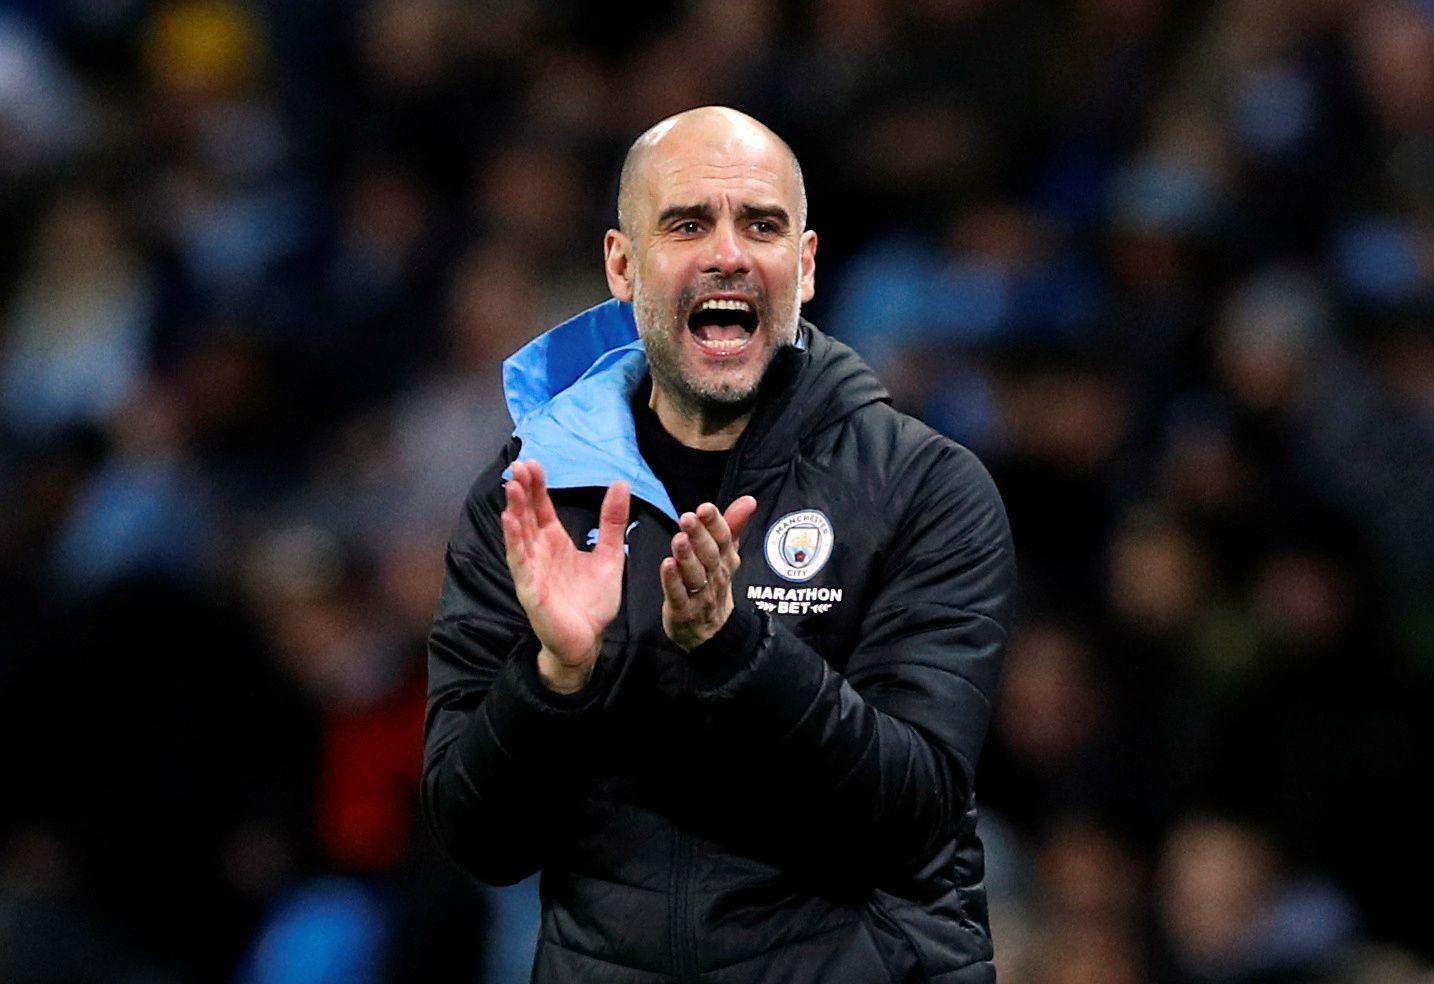 Premier League - Manchester City v West Ham United